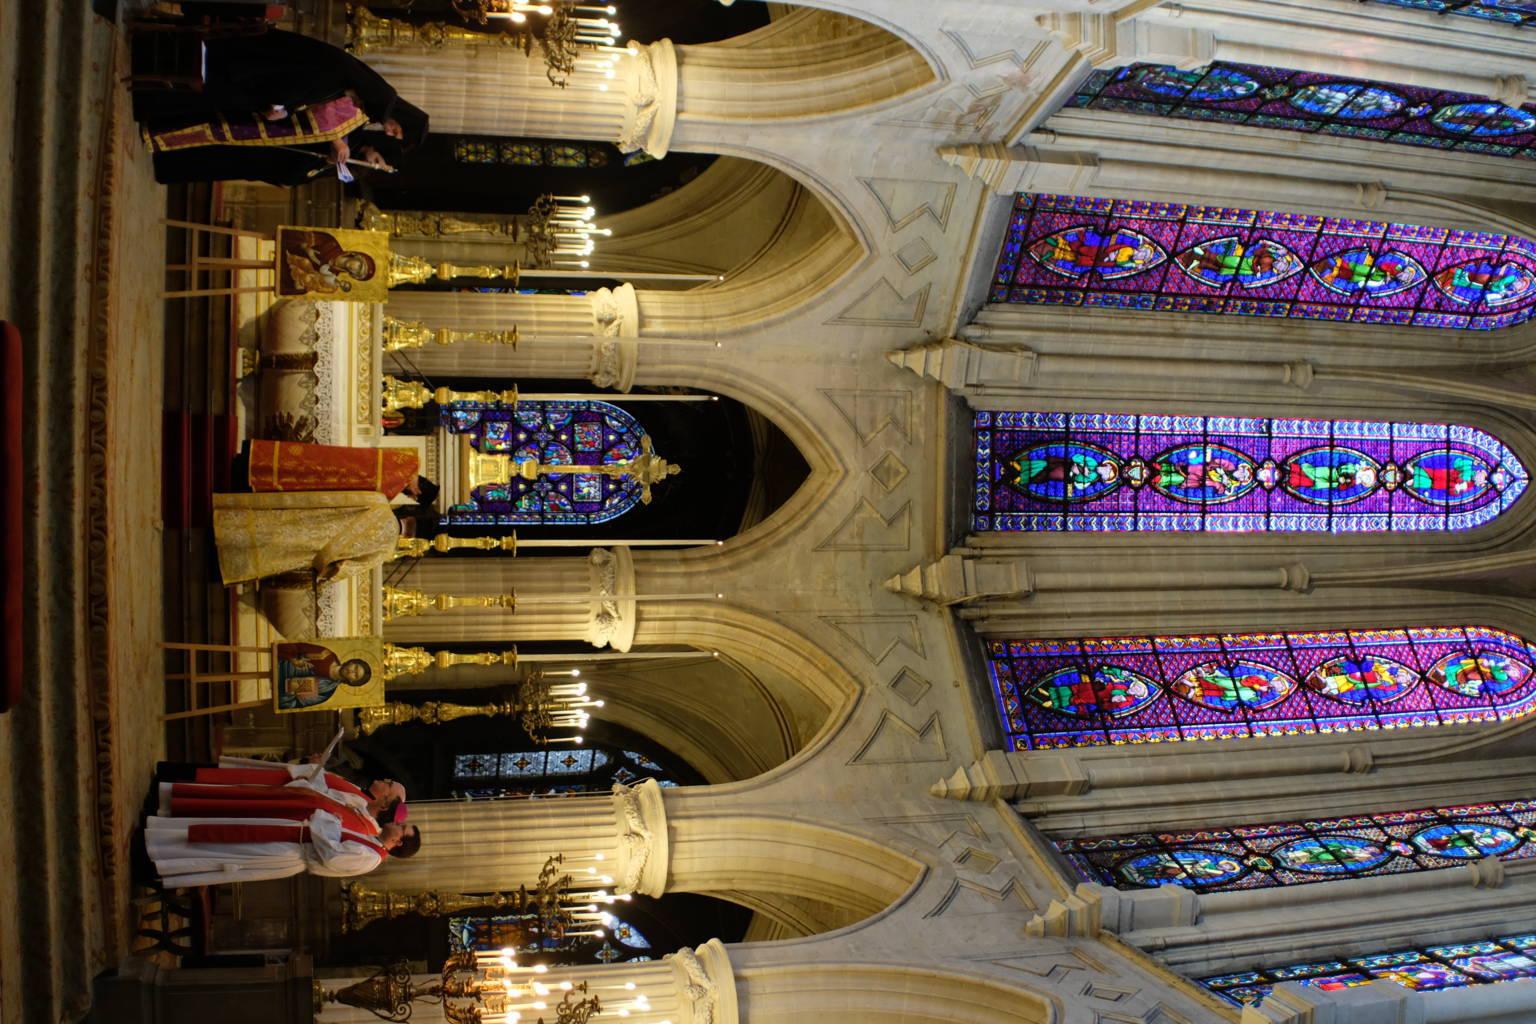 DSCF2044 - Παρίσι: Ορθόδοξος Εσπερινός στον Άγιο Γερμανό Λούβρου